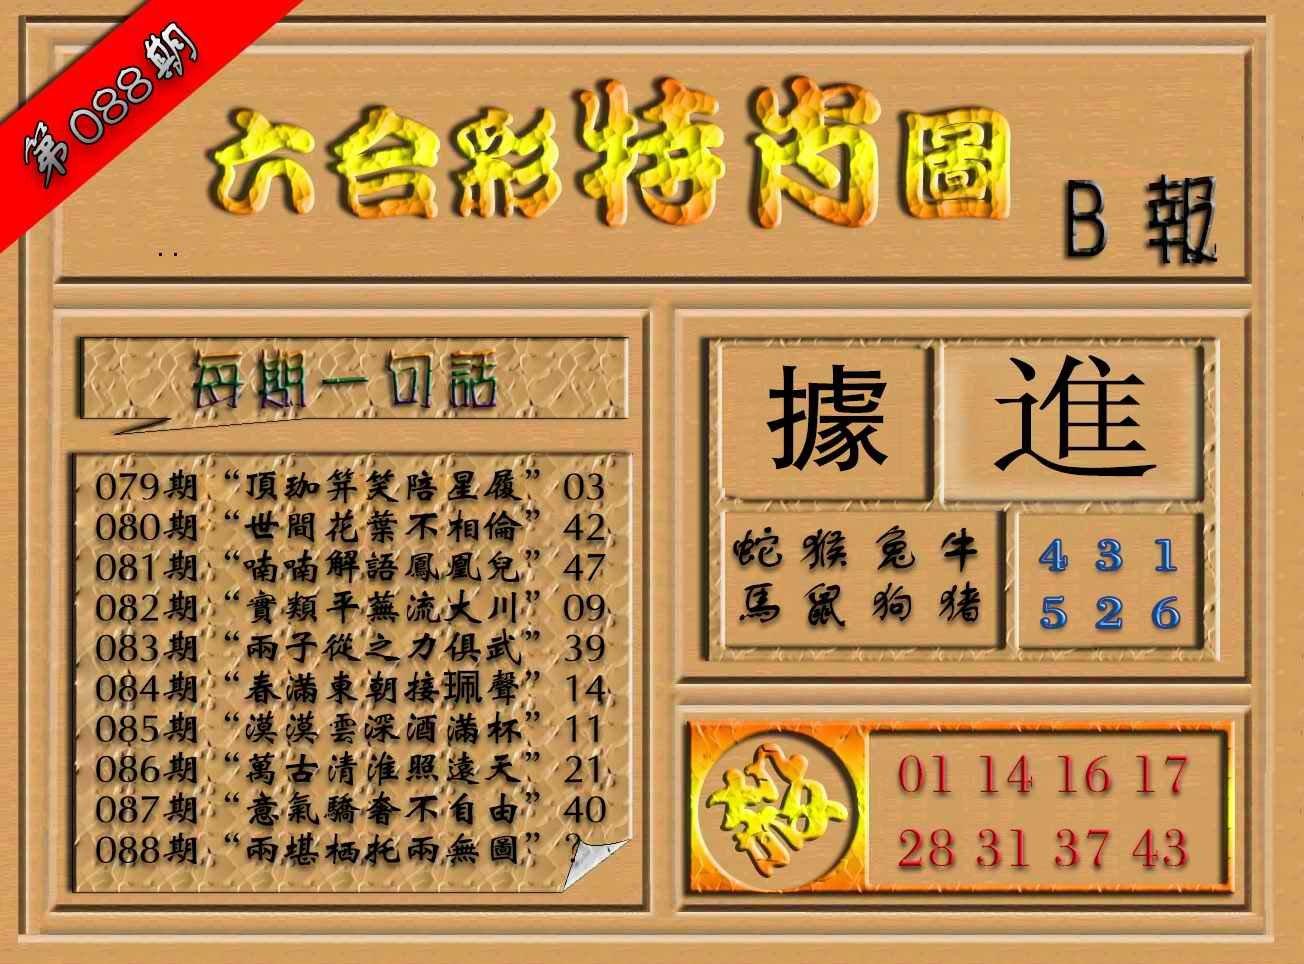 088期六合彩特肖图(B报)